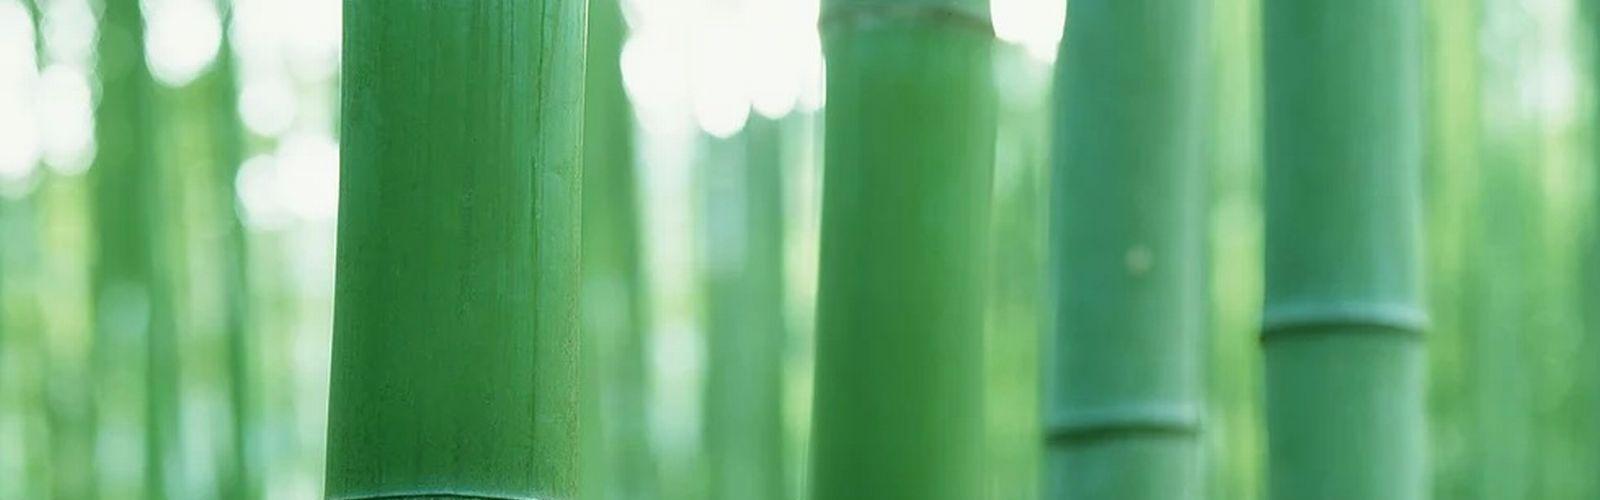 竹ヘッダーイメージ